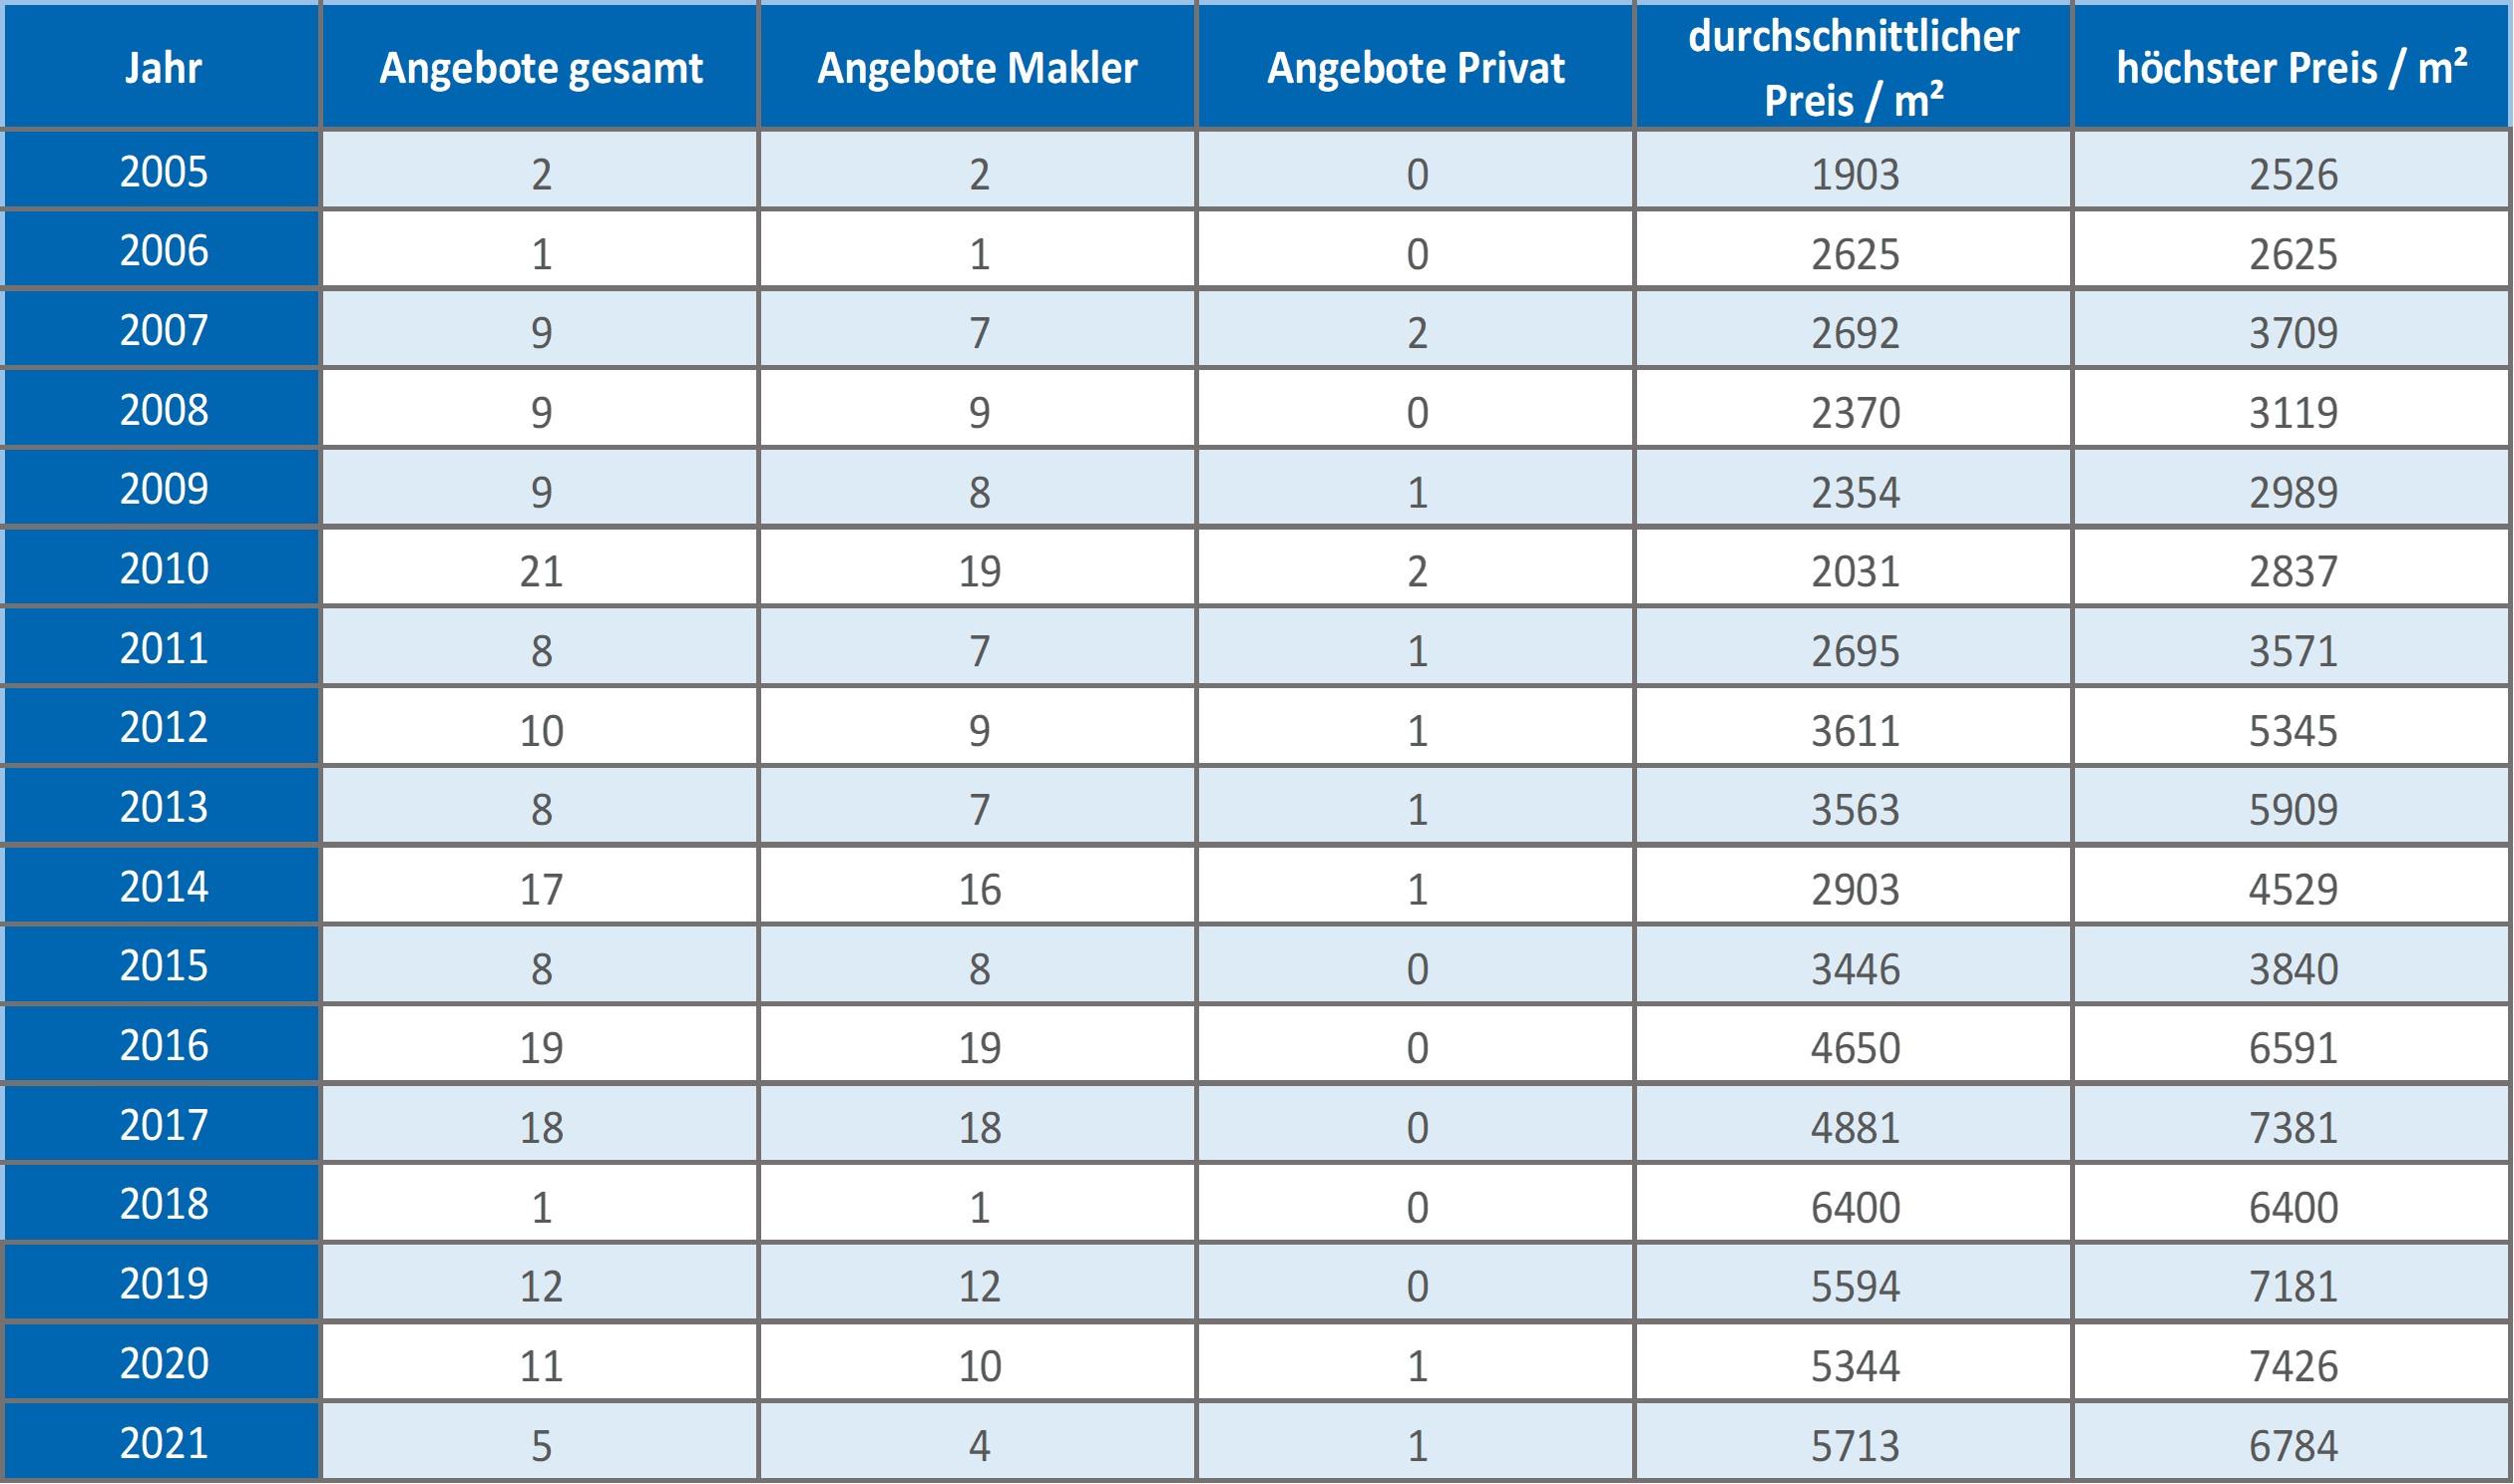 Olching-Mehrfamilienhaus-Kaufen-Verkaufen-Makler 2019 2020 2021